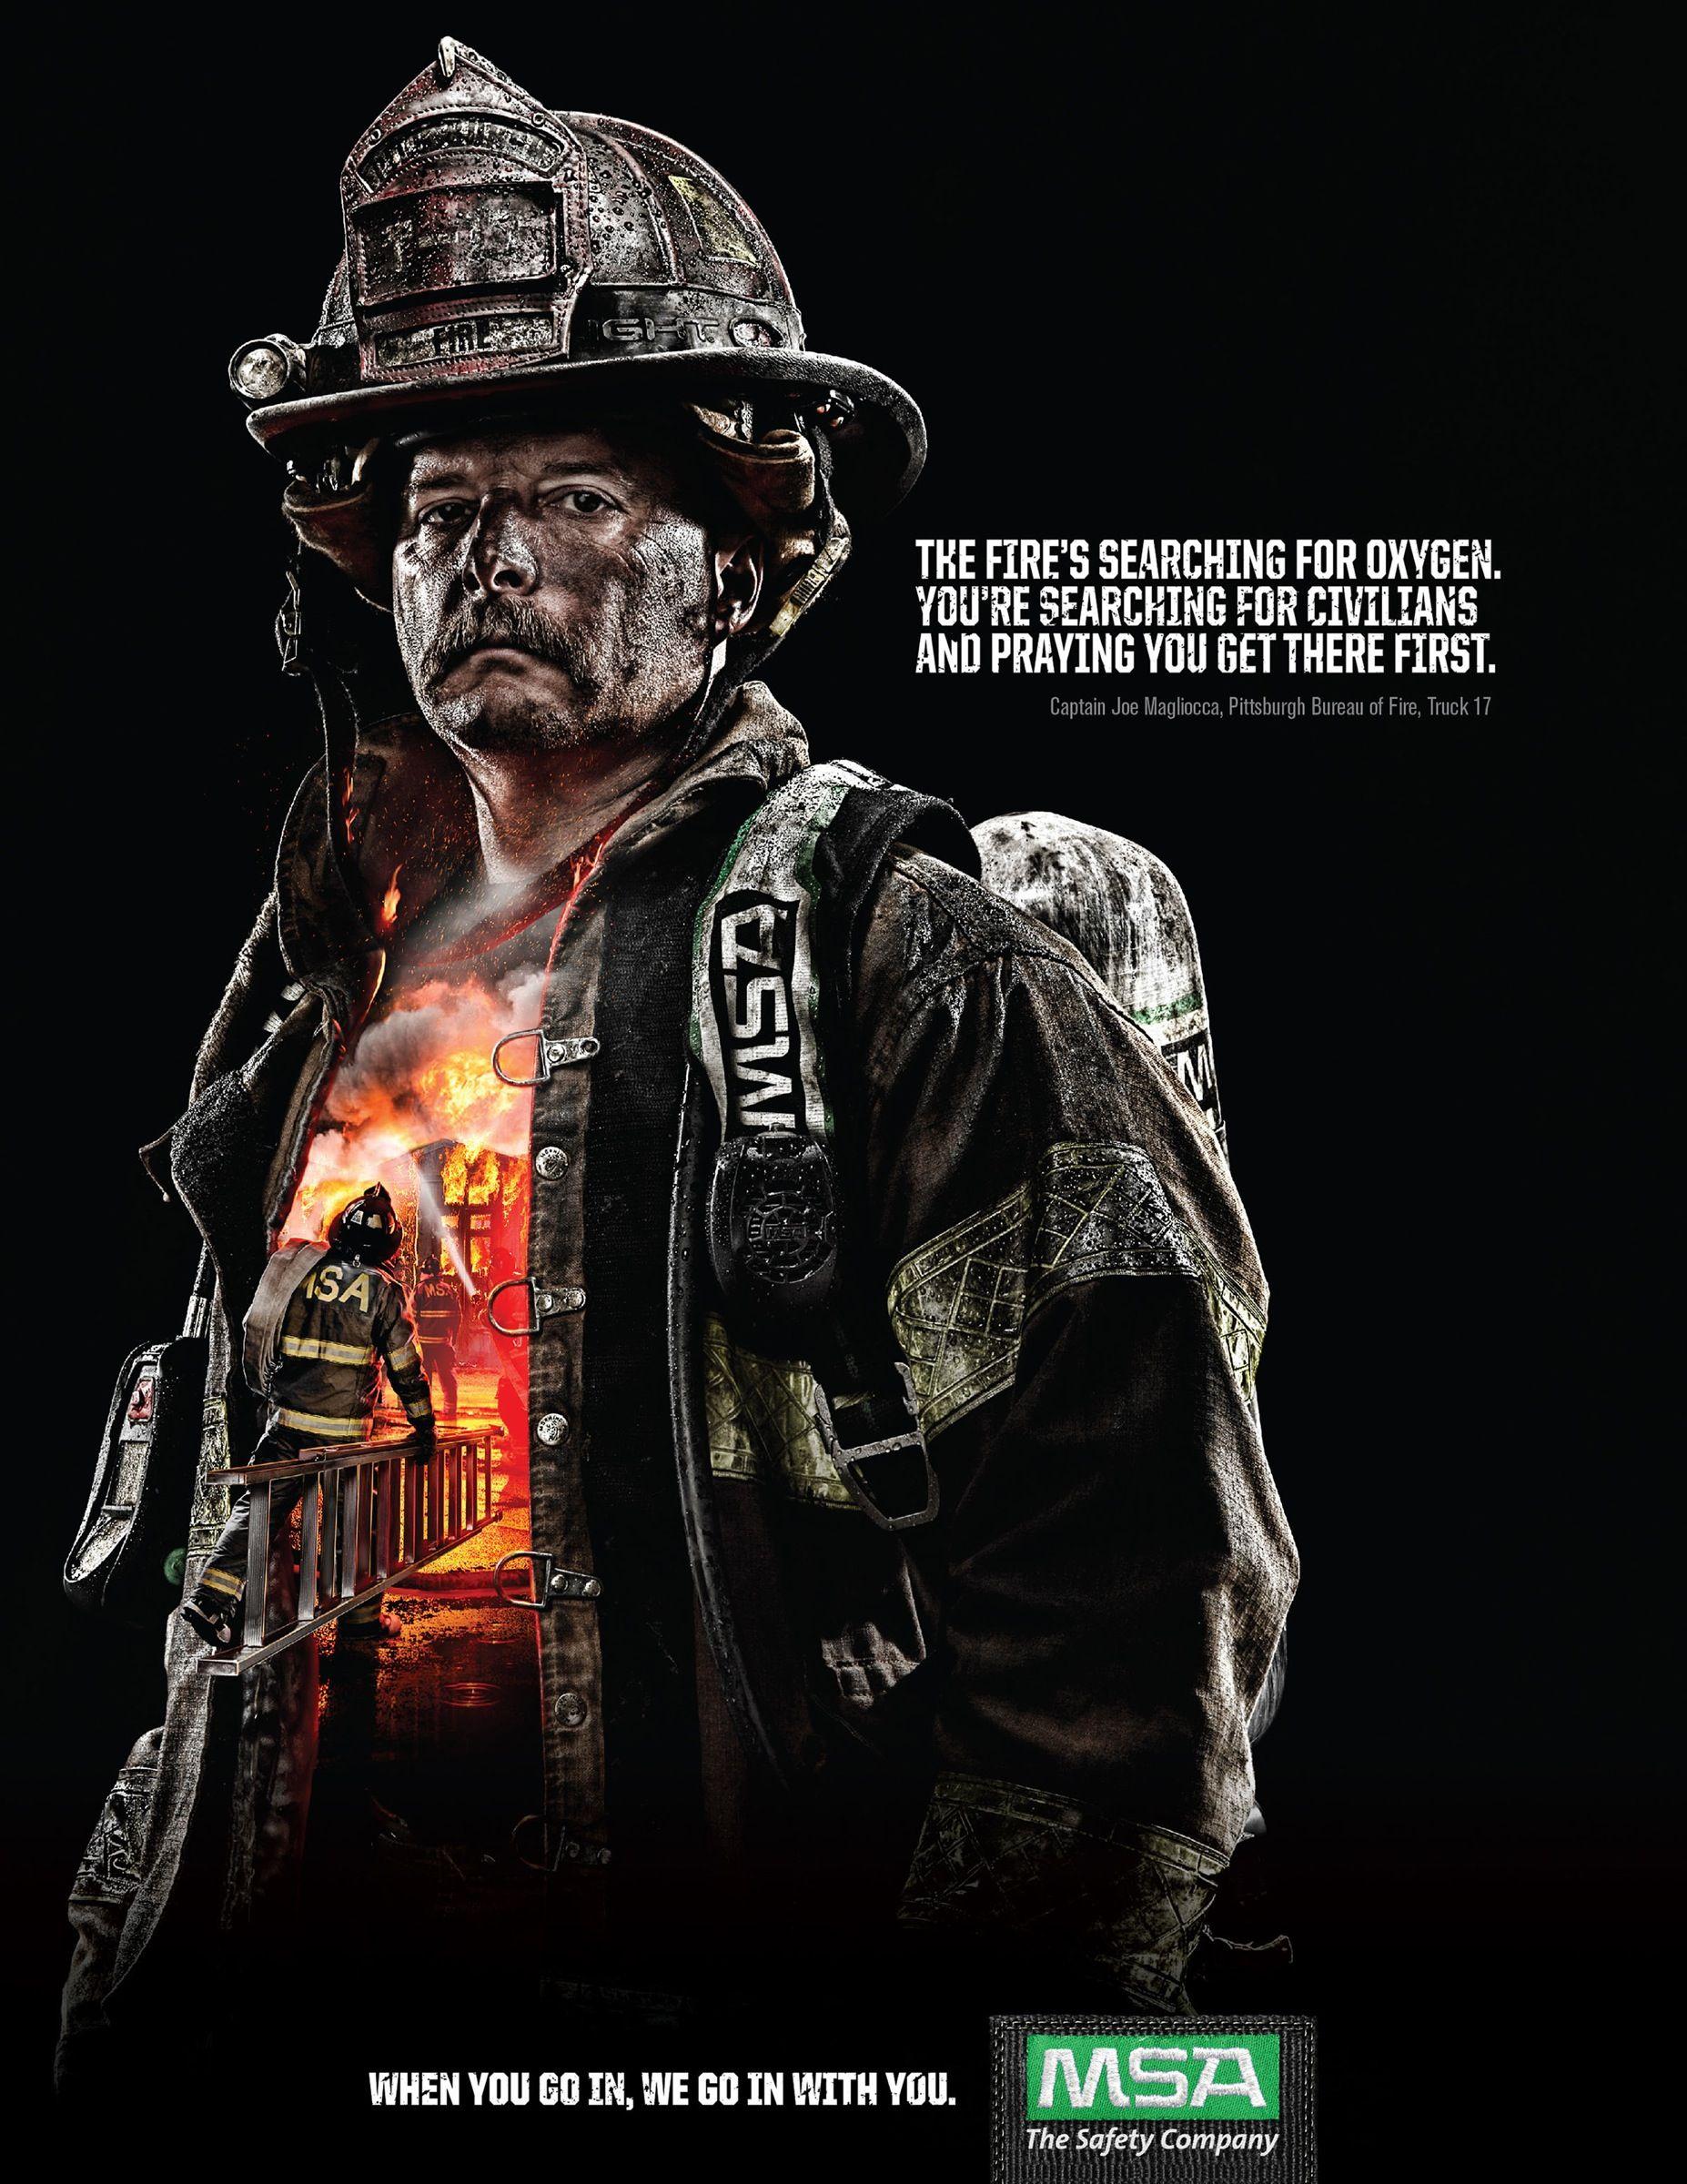 Mine safety appliances the fire inside joe fire